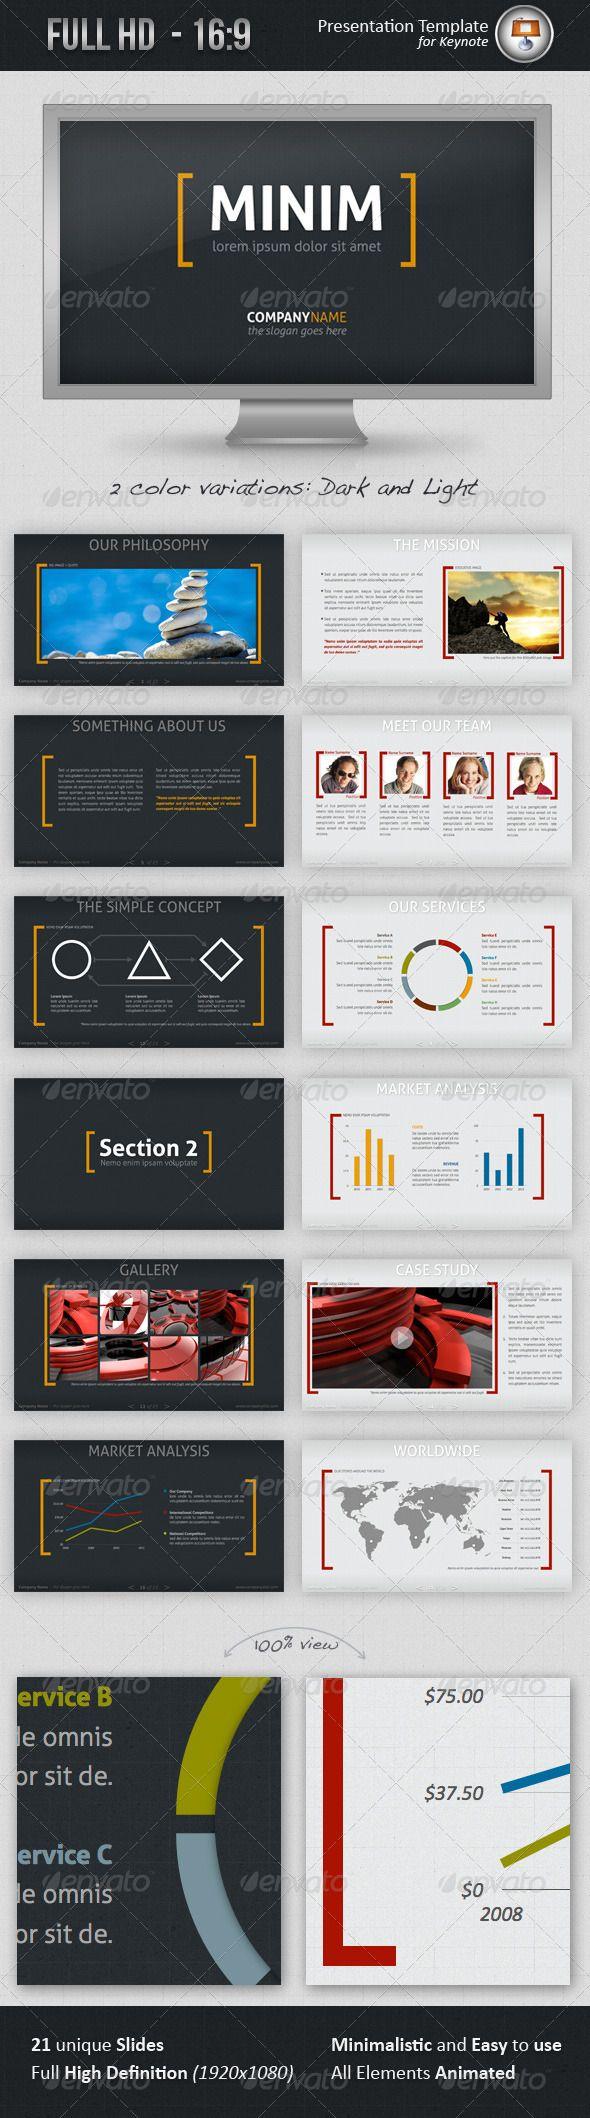 93 best presentation inspiration images on pinterest editorial presentation design layout inspirational presentation design samples visit us at toneelgroepblik Images